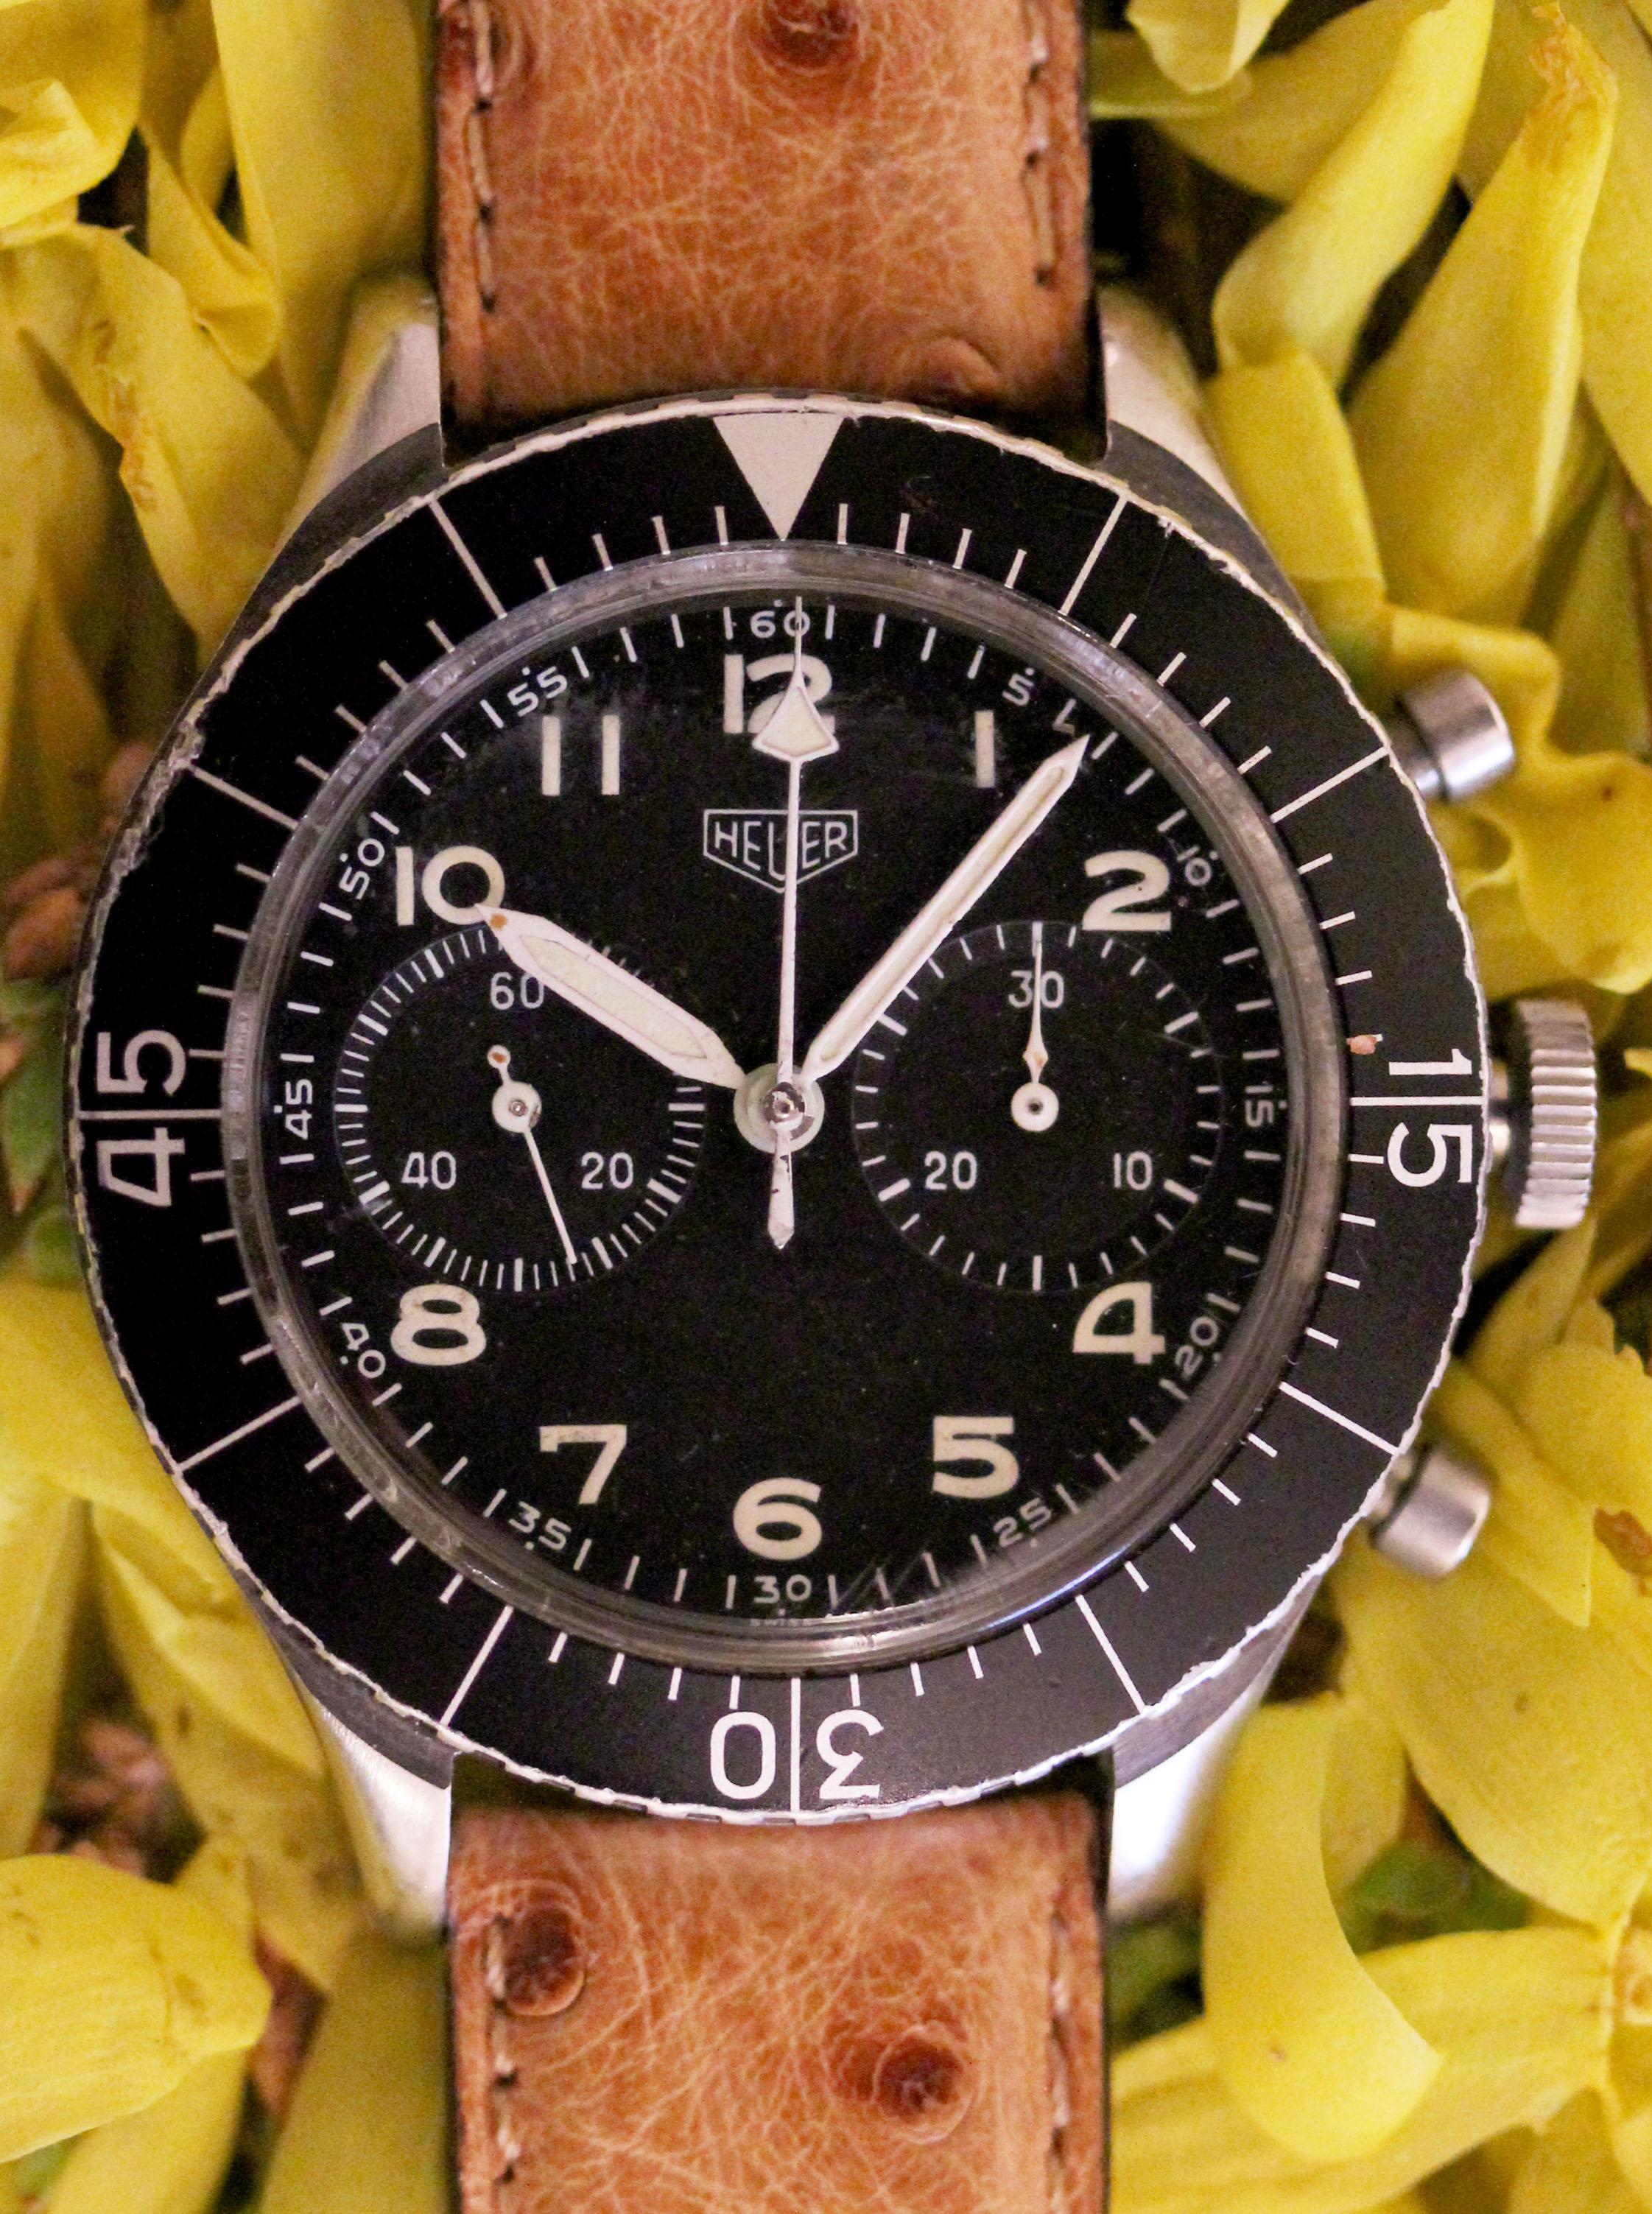 HEUER Bundeswehr chronograph, ref. 1550 SG